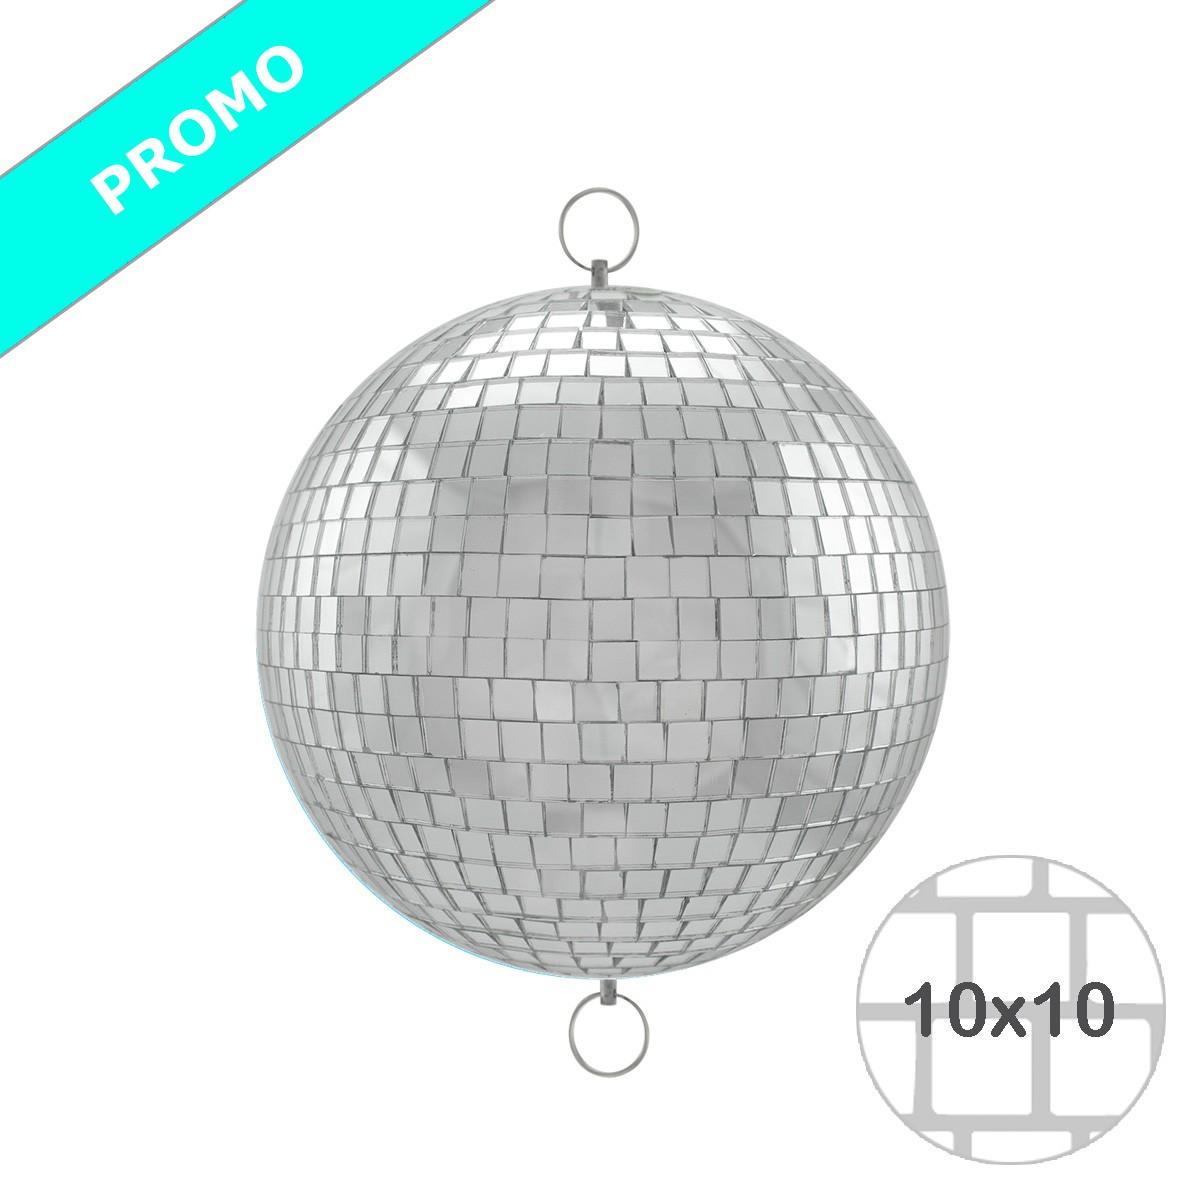 Spiegelkugel 20cm - silber - Diskokugel Echtglas - 10x10mm Spiegel - PROMO - Metallöse oben + unten